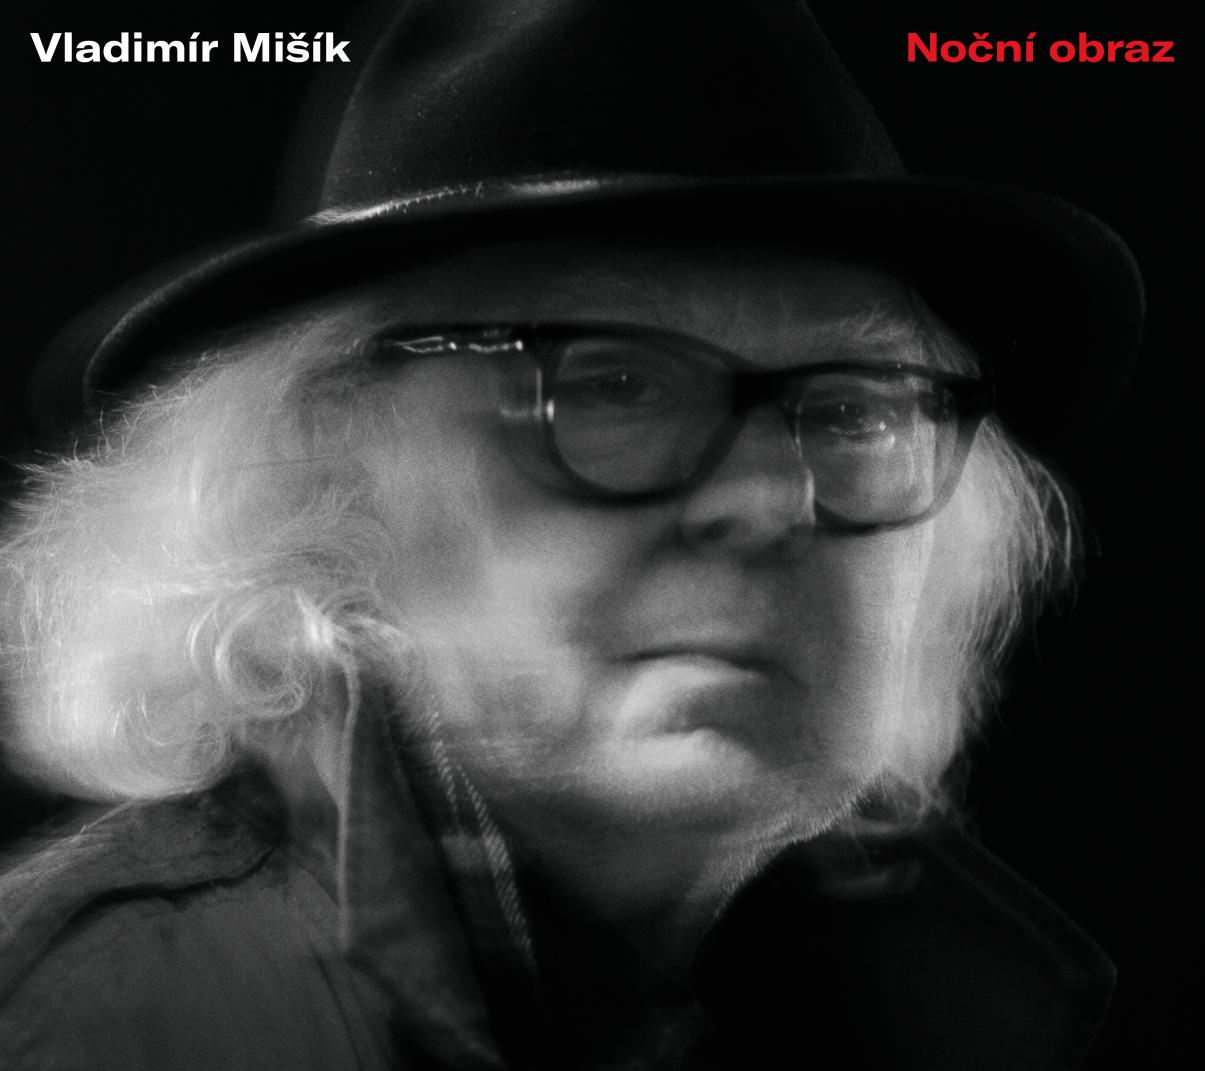 vladimir_misik_nocni_obraz_cover_930x827_hires